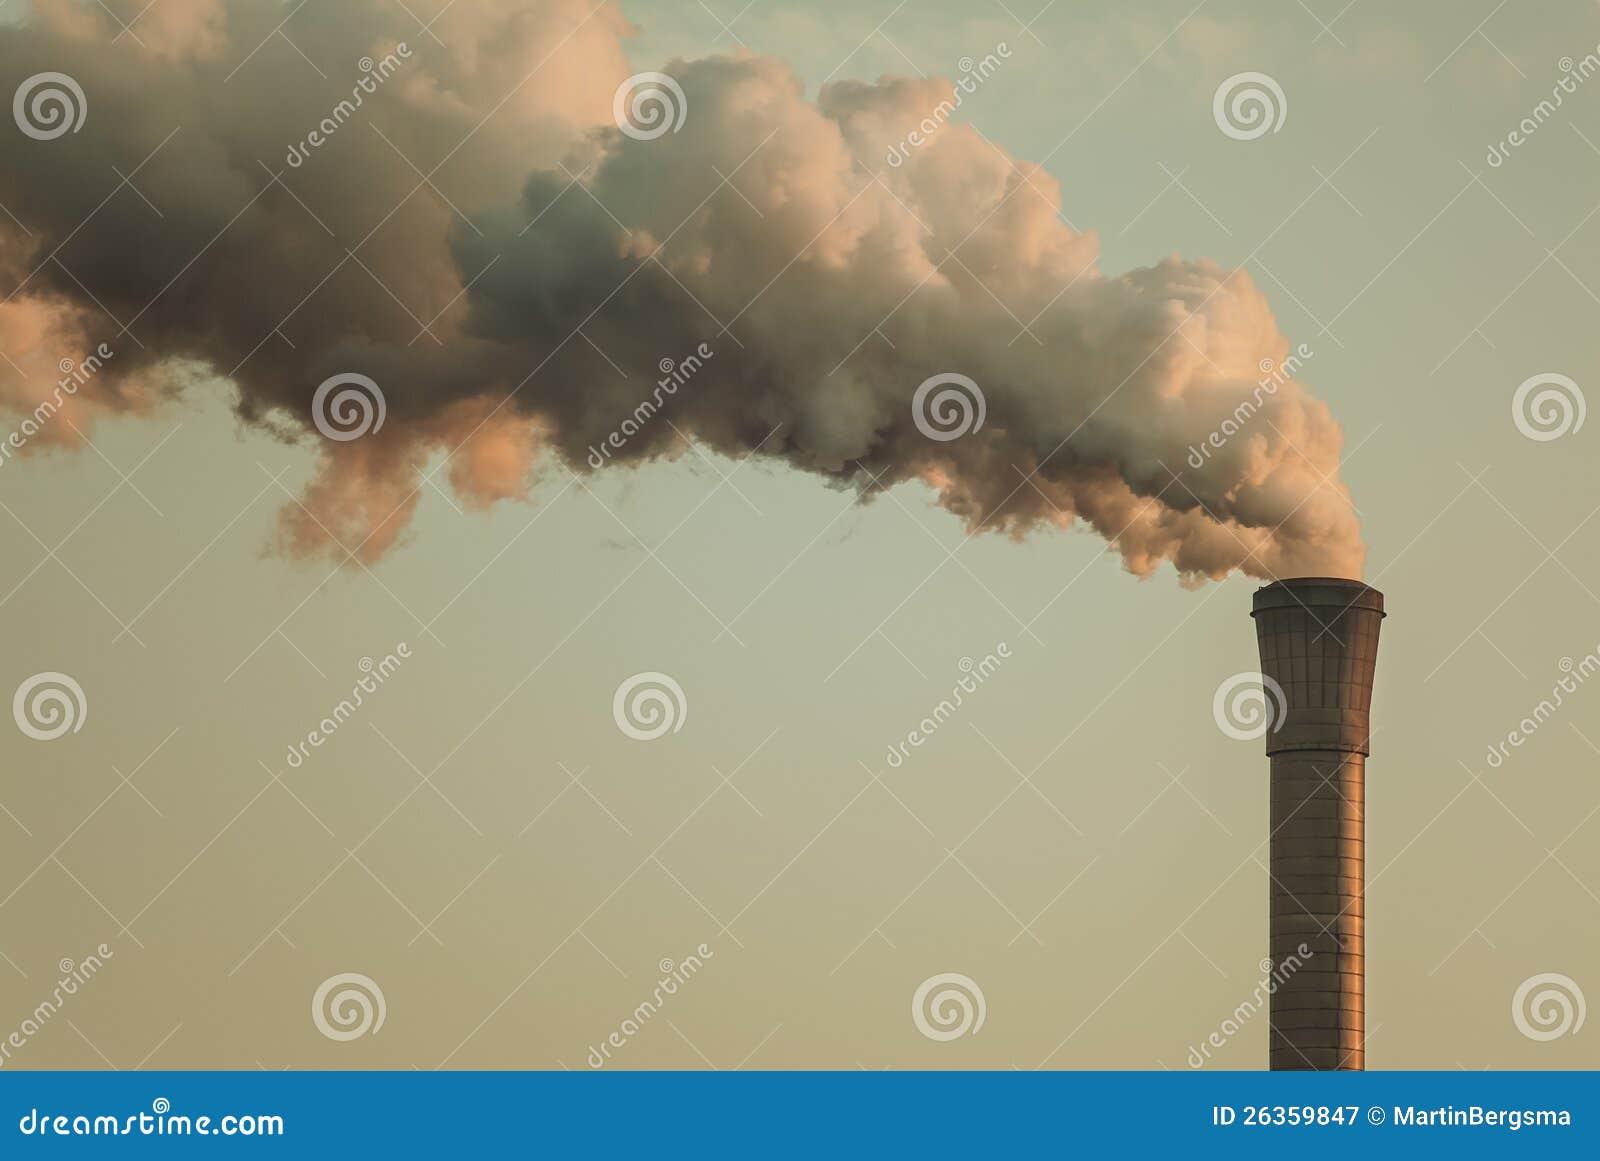 Luftverschmutzung von einem Fabrikrohr